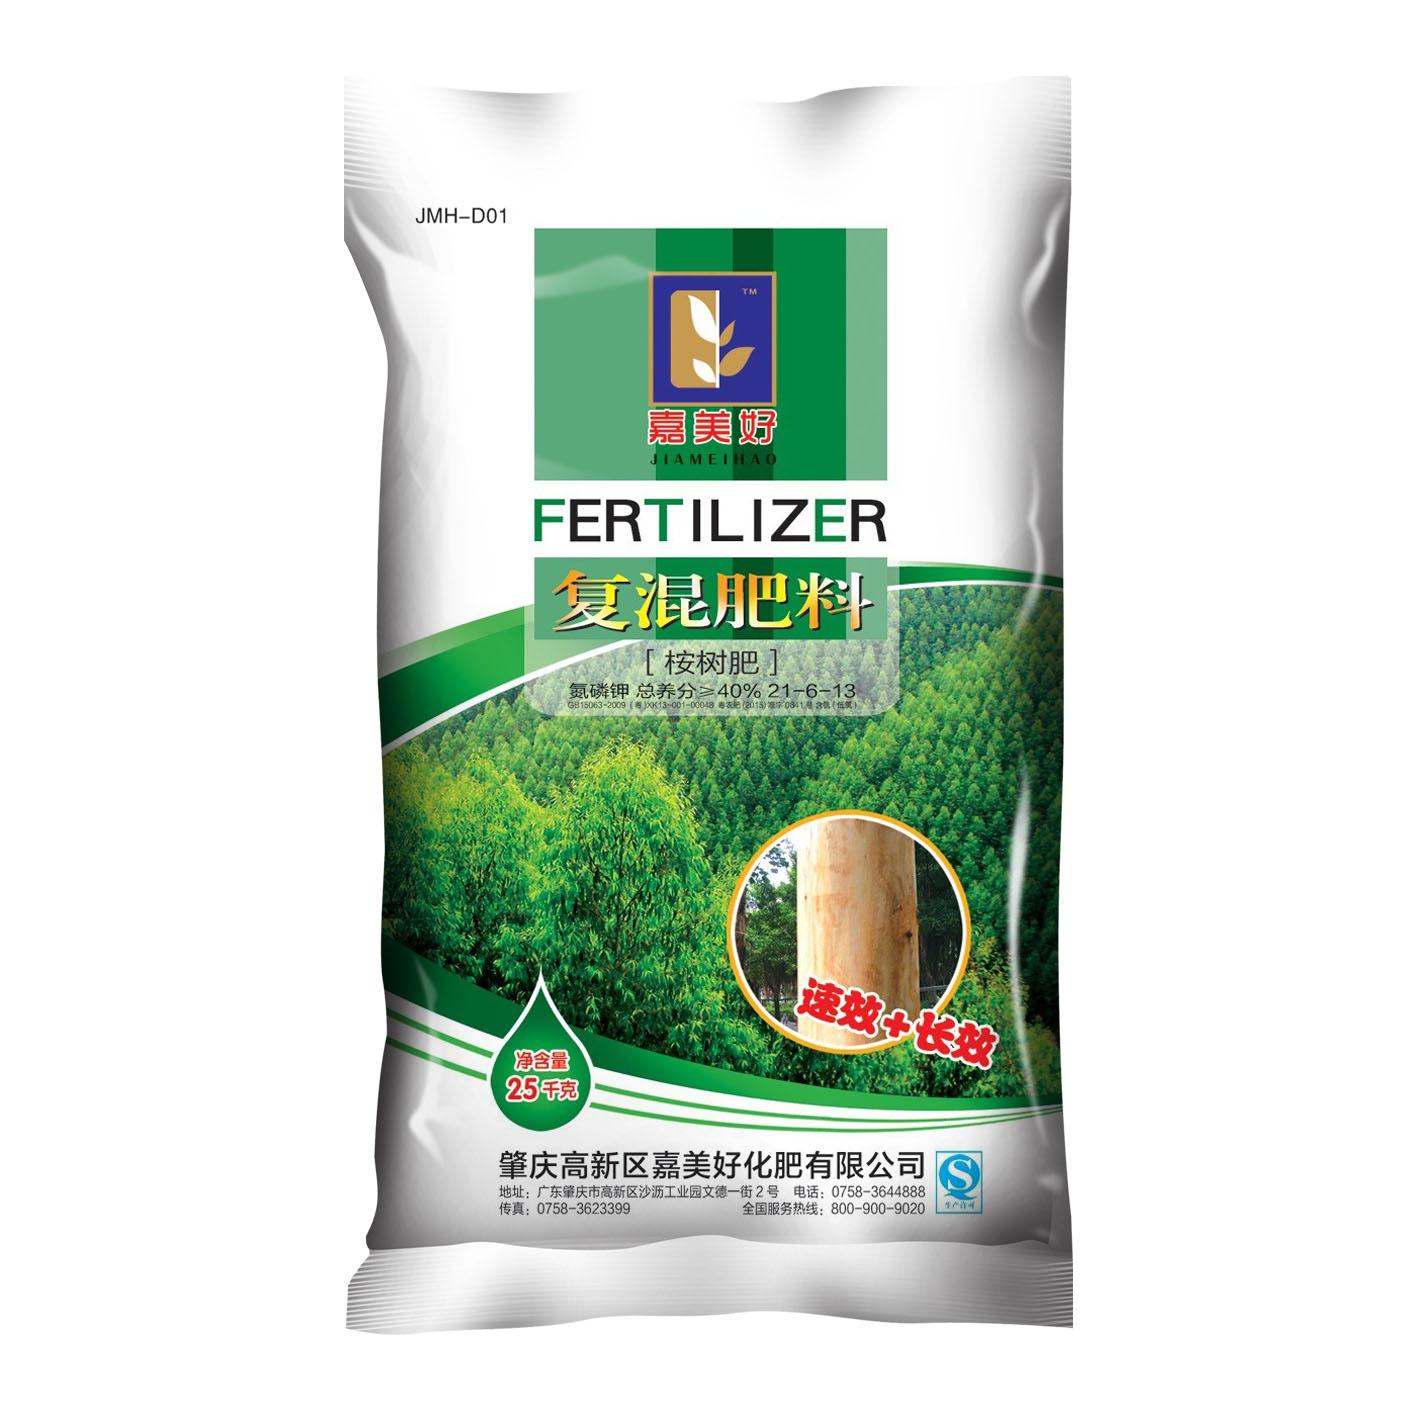 桉树肥 21-6-13(CL) 复混肥料